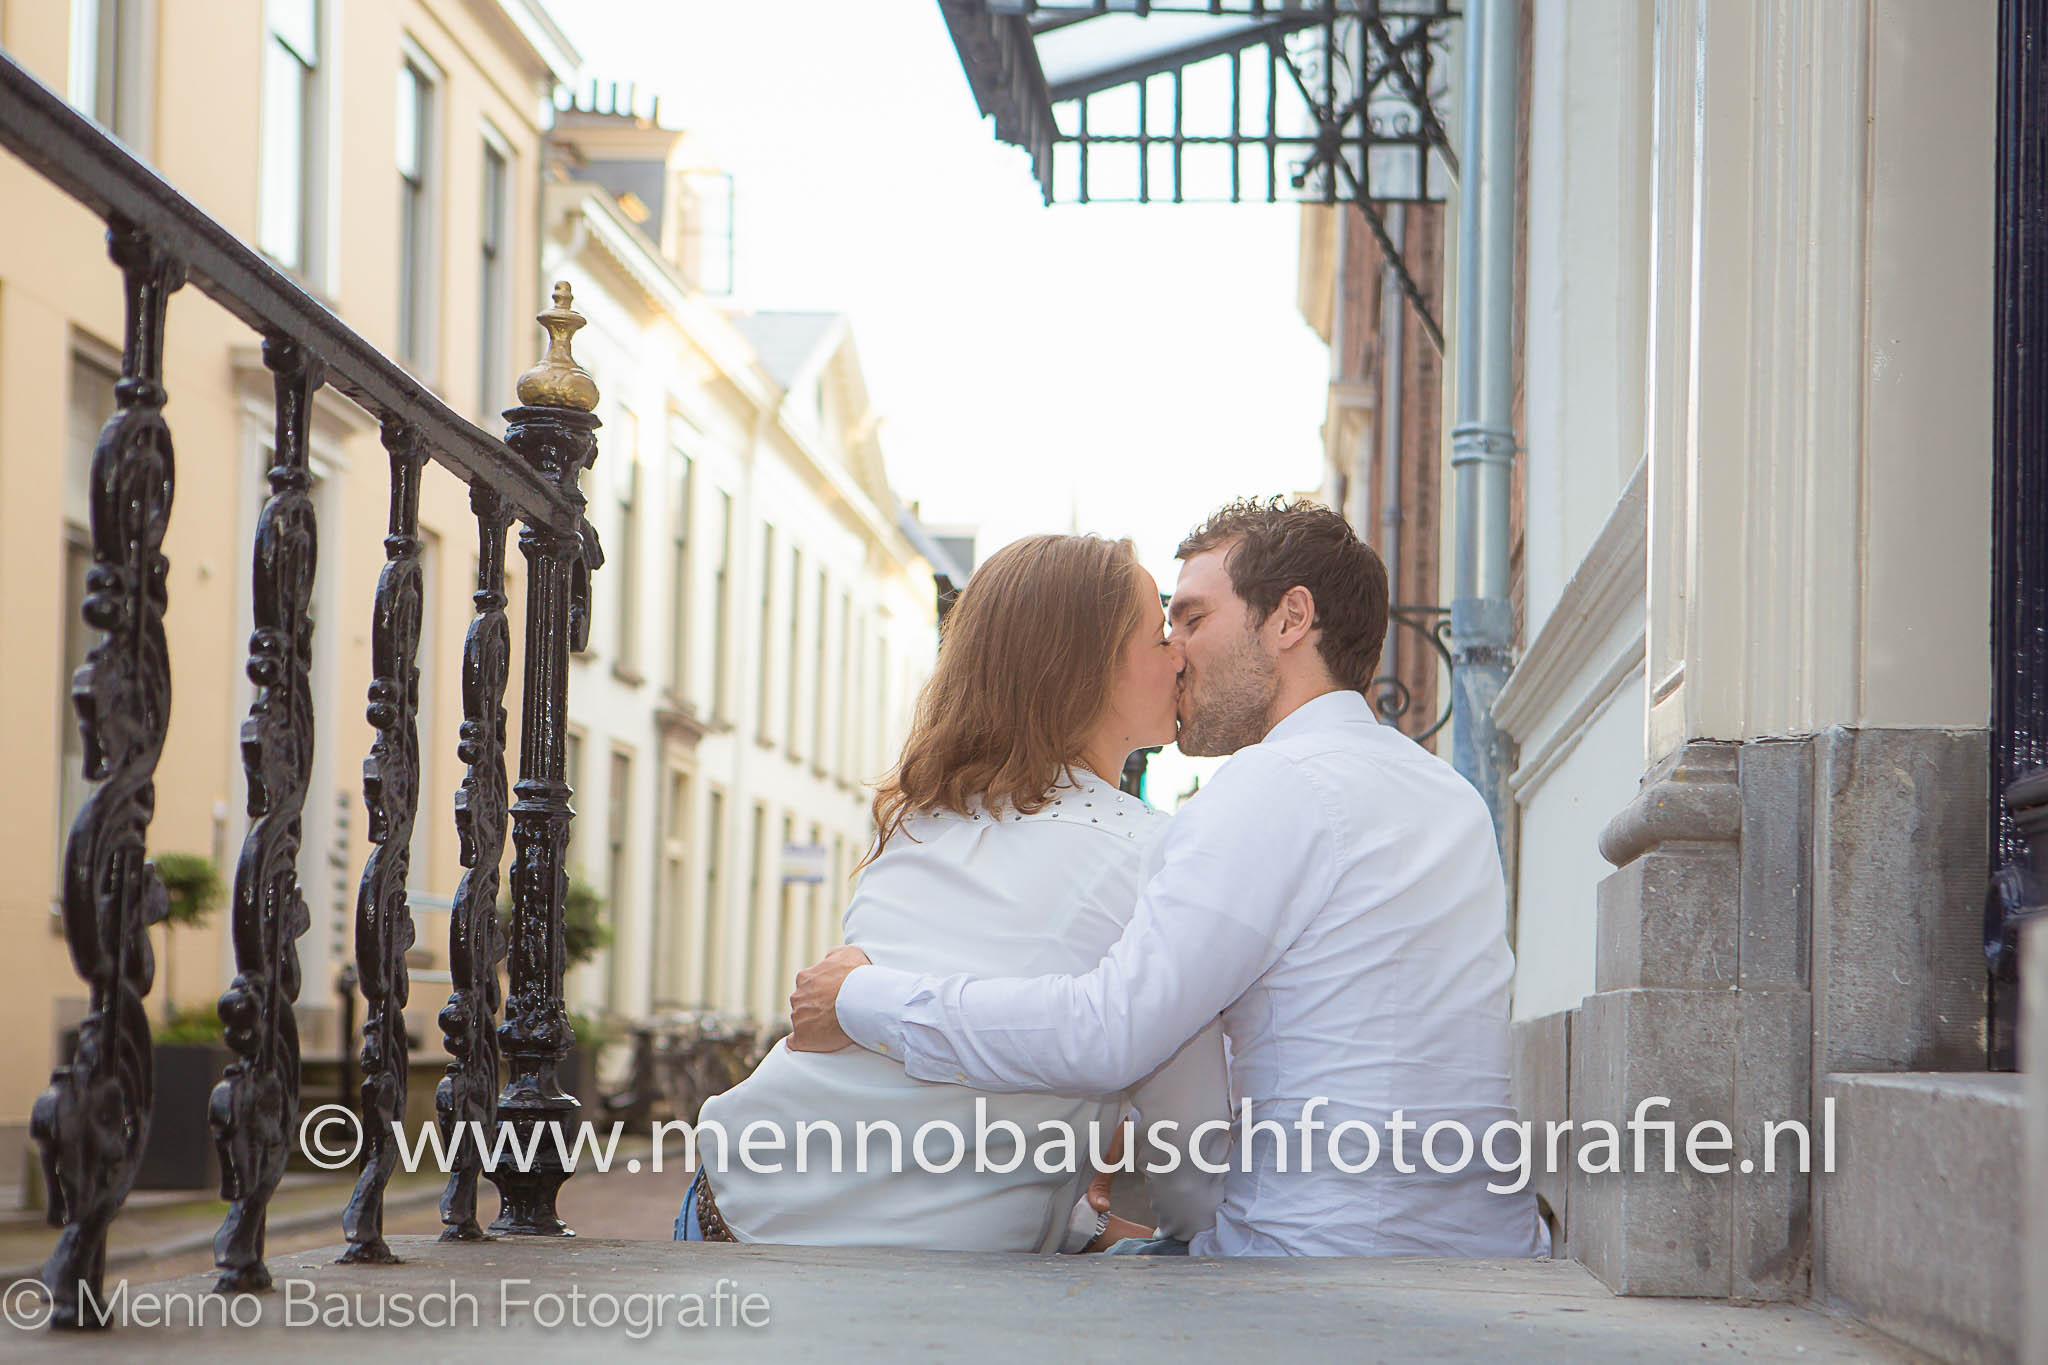 Menno Bausch Fotografie34